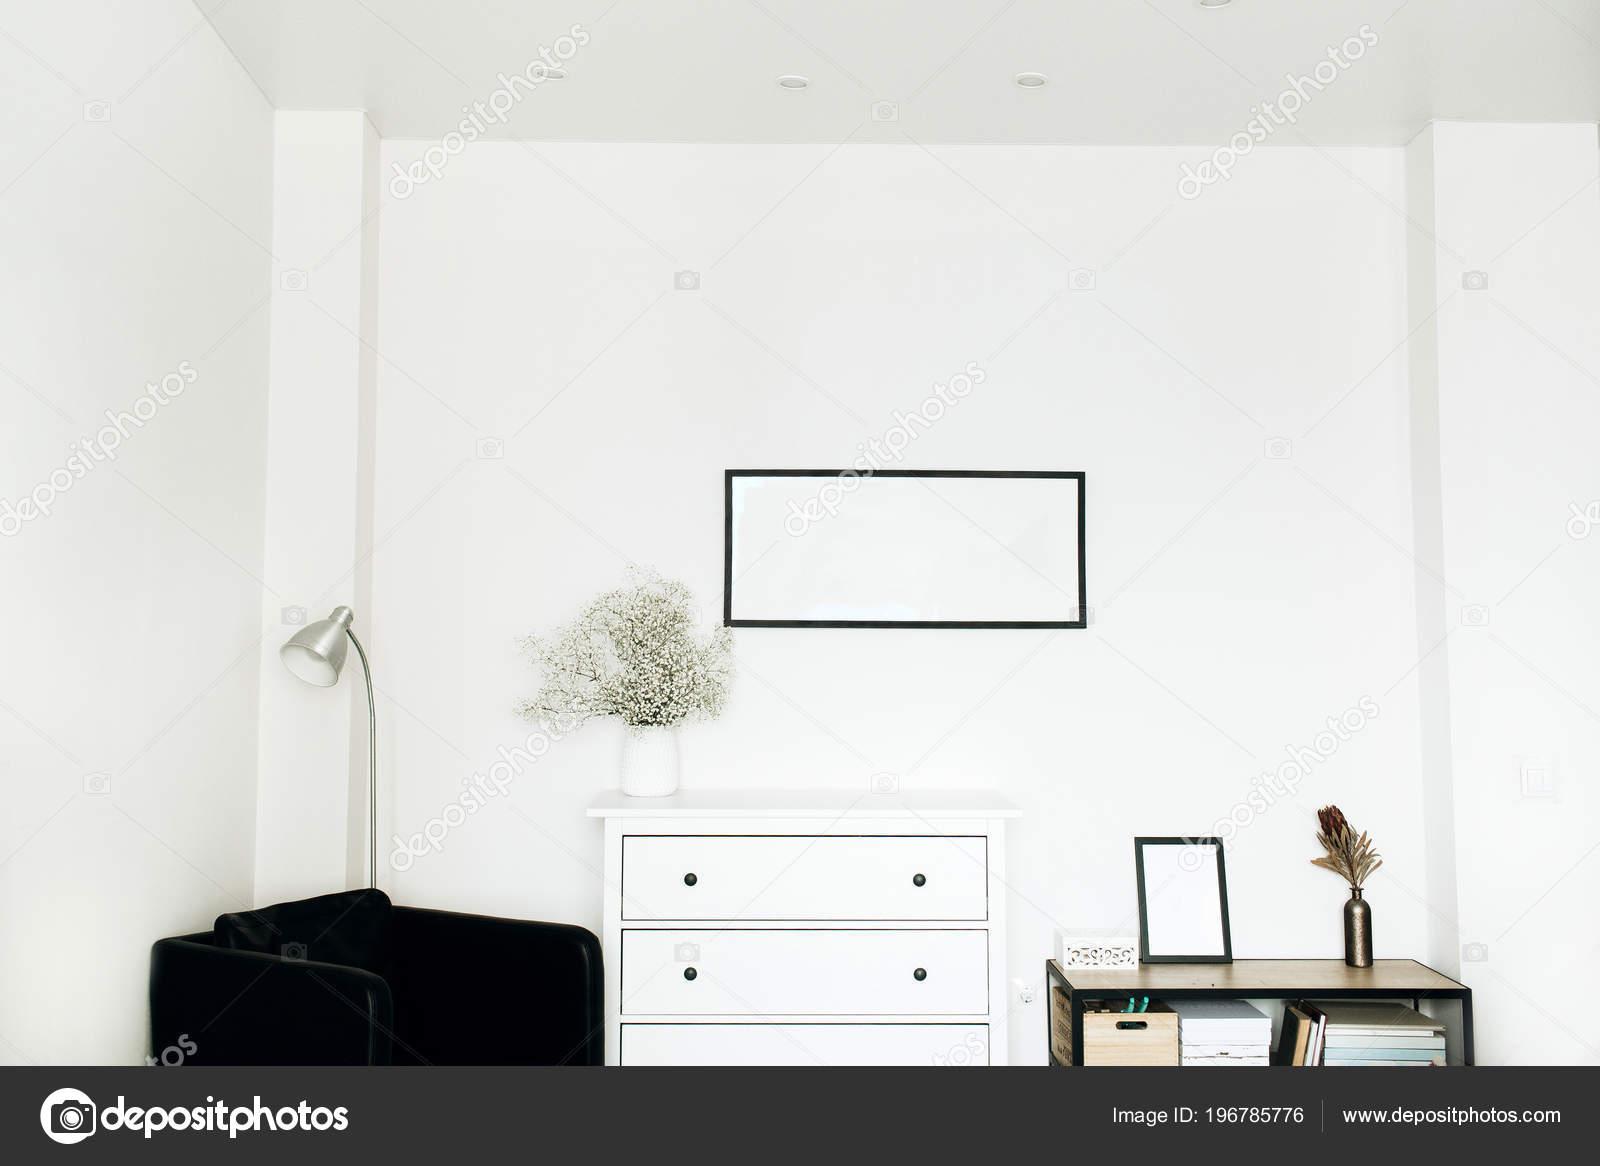 Home Design Interieur Mit Fotorahmen Weißen Blüten Bouquet Und ...